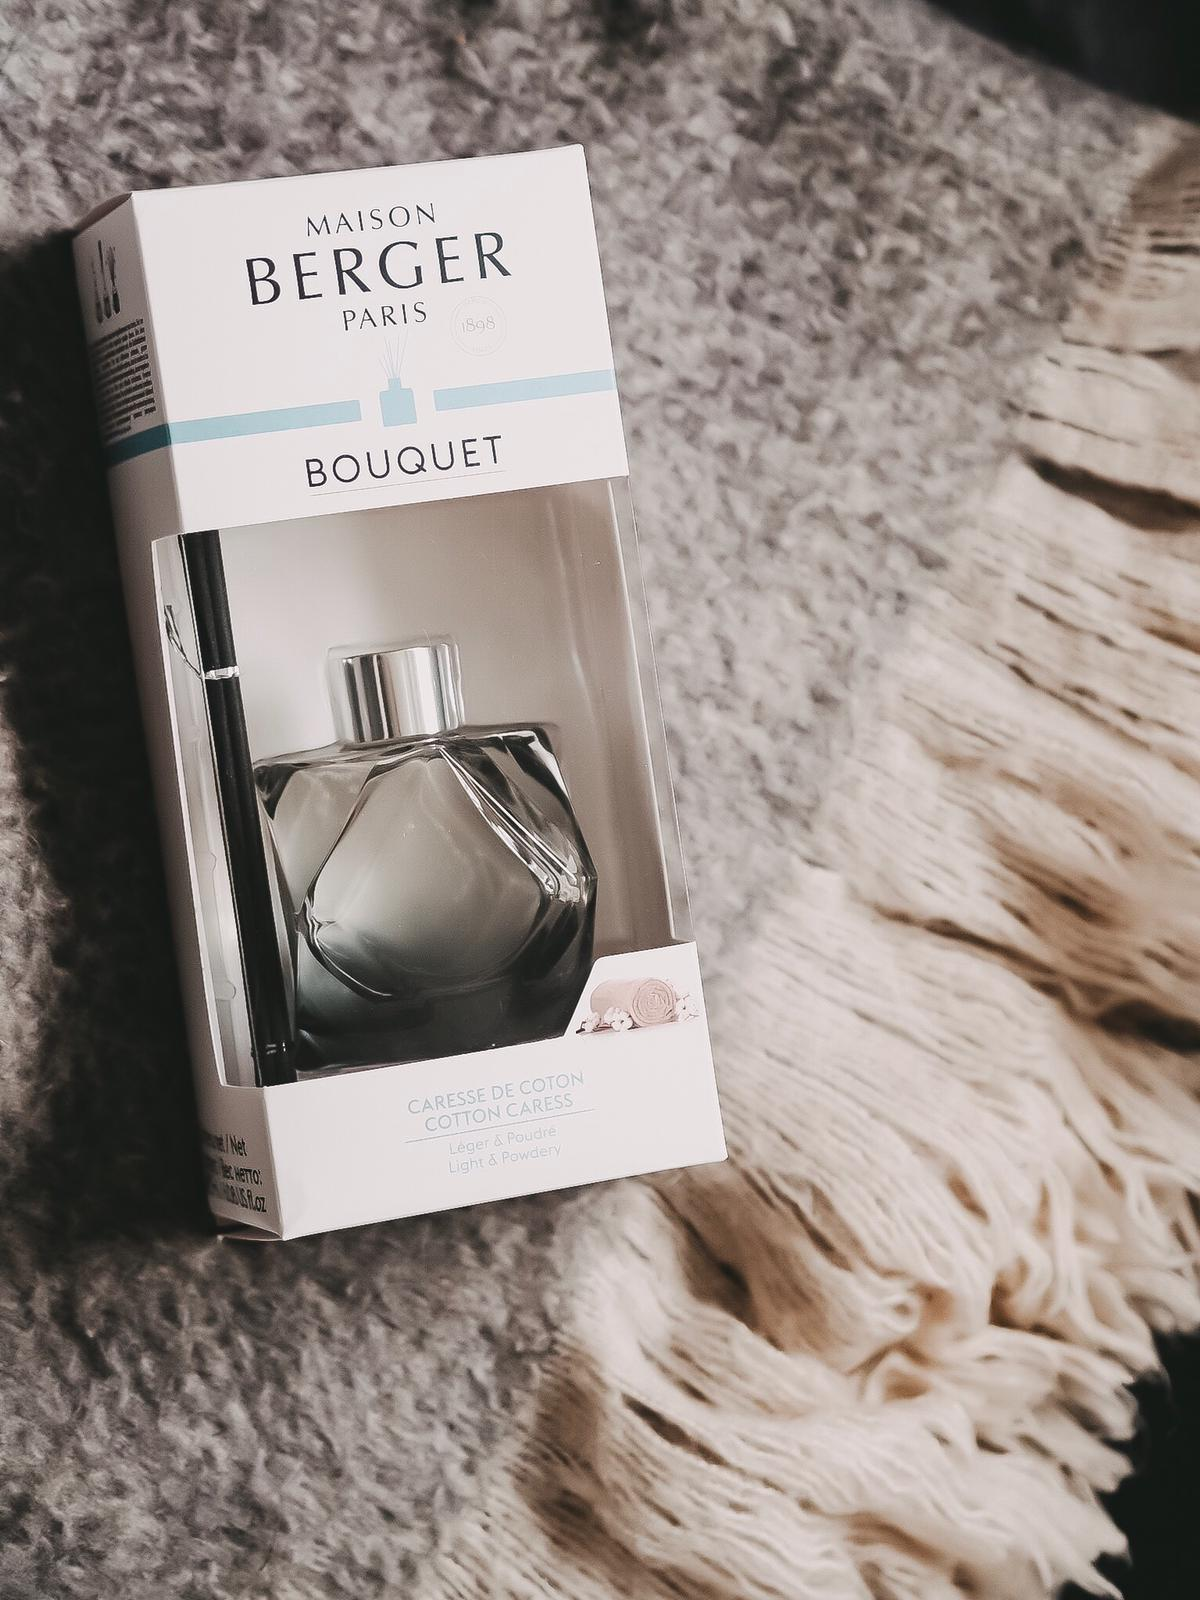 """Heute zeige ich euch die neue Kollektionen """"Immersion"""" und """"Geometry"""" von Maison Berger Paris mit schönen Raumdüften, einer Duftlampe und einem Duftbouquet."""